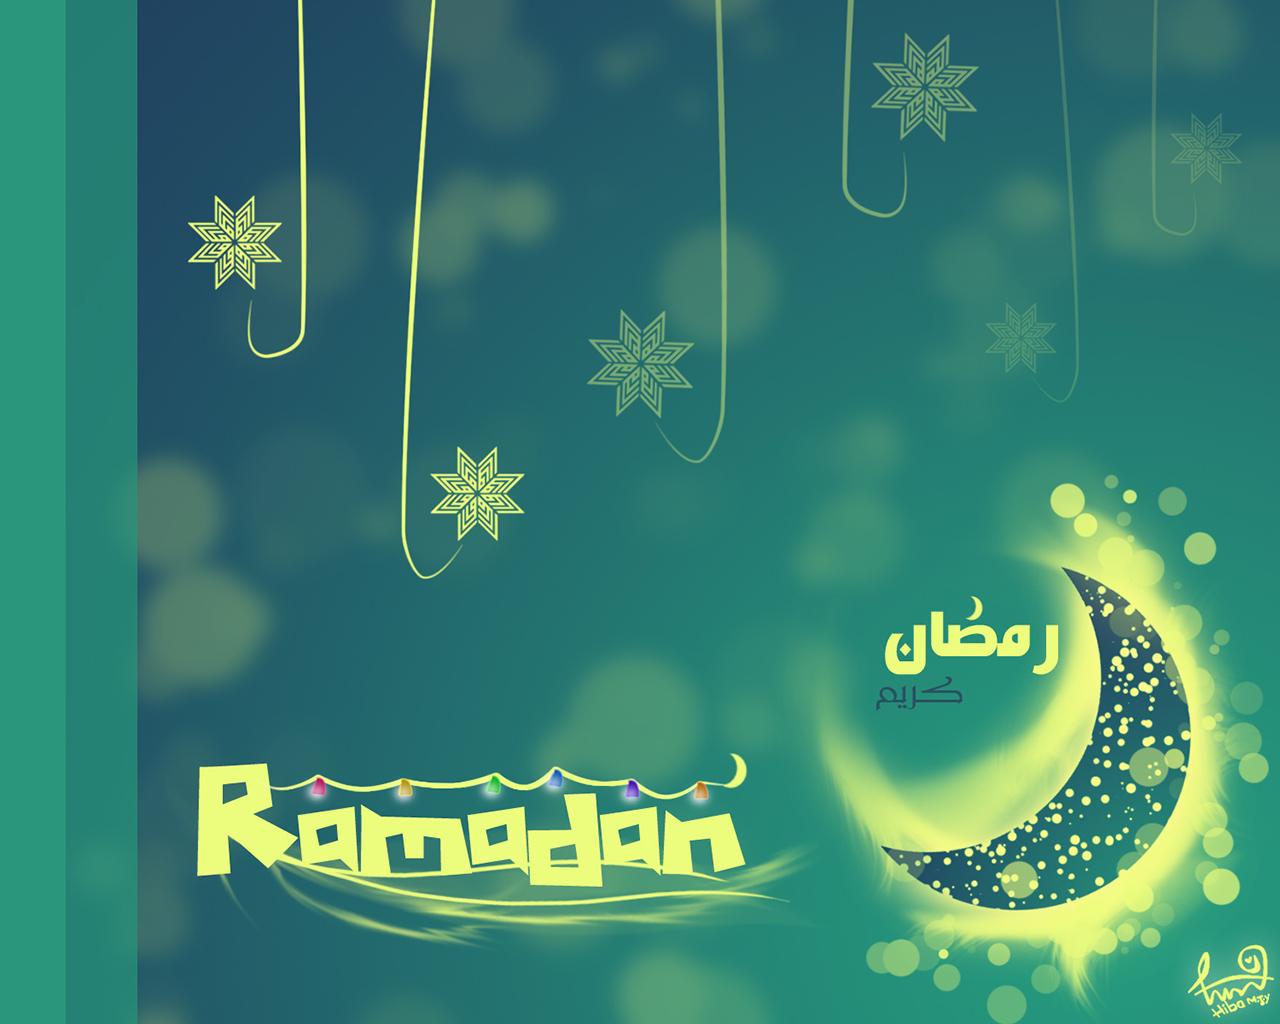 Wallpaper Cute Cartoon Muslimah Tergores Sembilu Kaligrafi